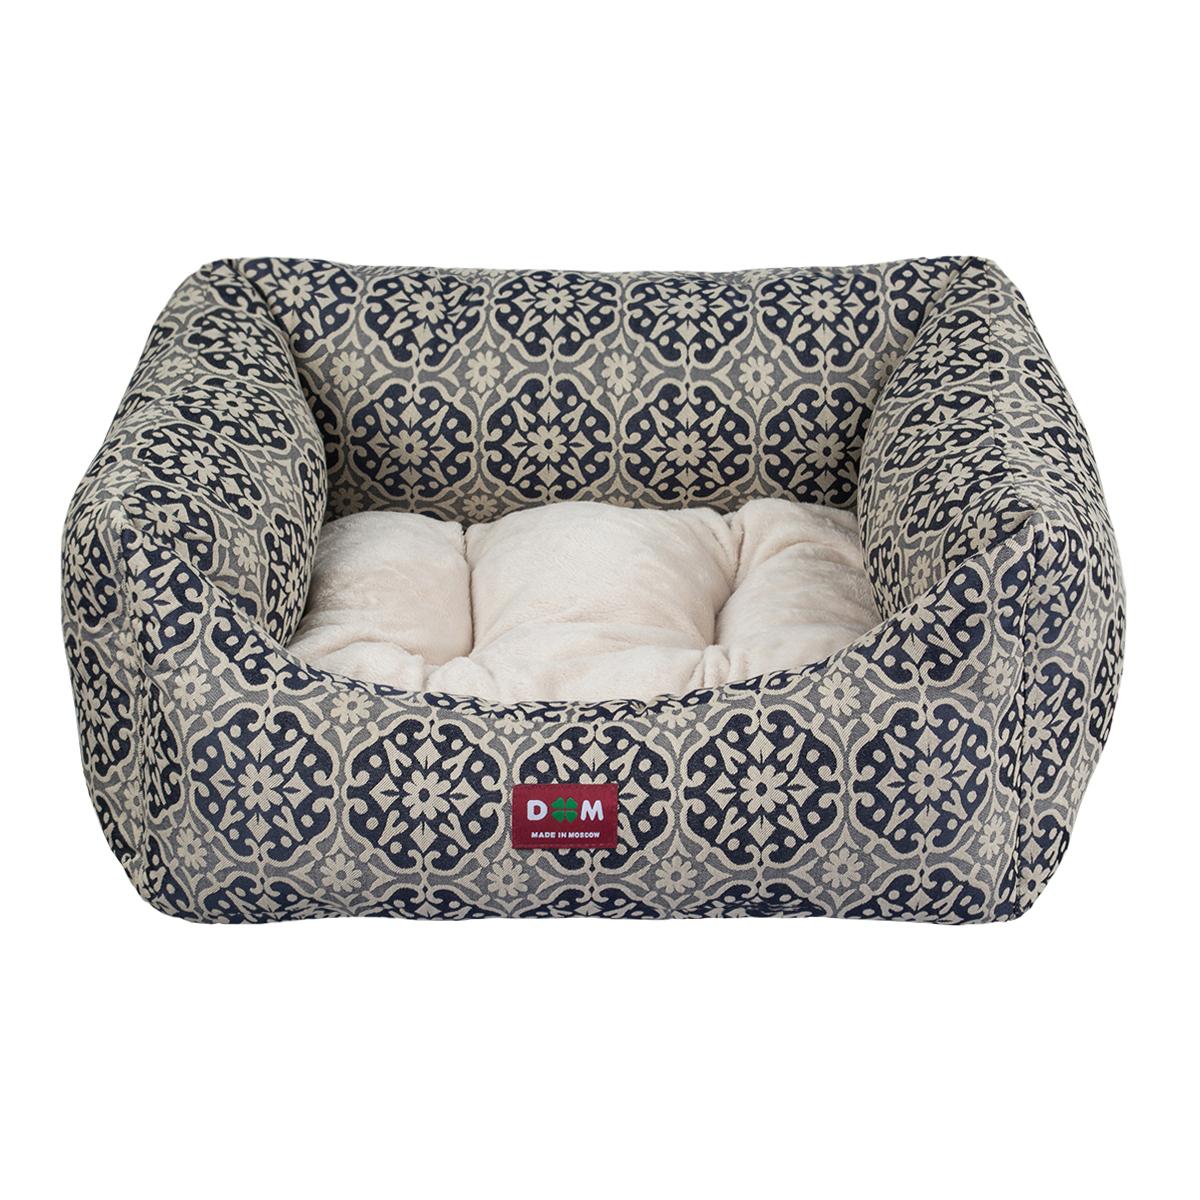 Лежак для животных Dogmoda Венсента. DM-160276DM-160276Лежак для собак, это уютное спальное место для вашего питомца. Если у вас маленькая собака, то ей прекрасно подойдет данная модель лежака, он изготовлен из приятной ткани с удобной, мягкой подушкой. Этот лежак станет любимым местом для вашего четвероного друга дома, на даче и в квартире.